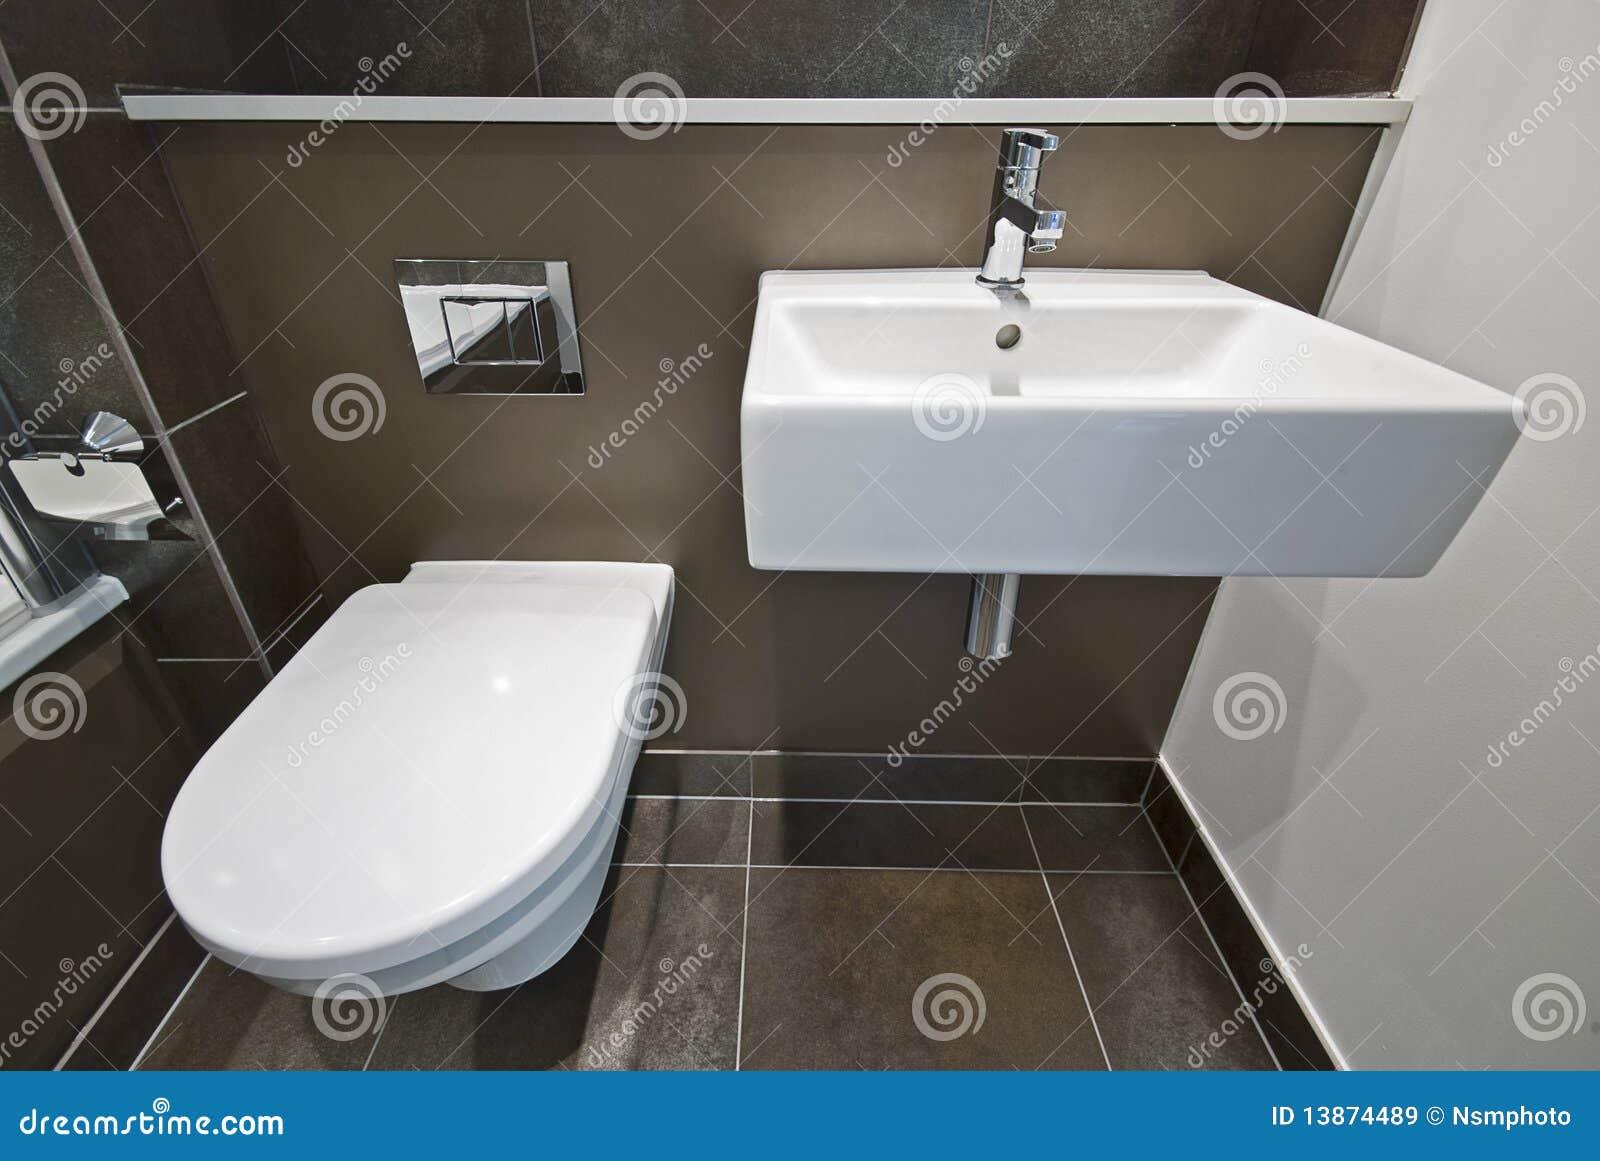 Toilette Da Bagno : Particolare della stanza da bagno con la toletta ed il lavabo